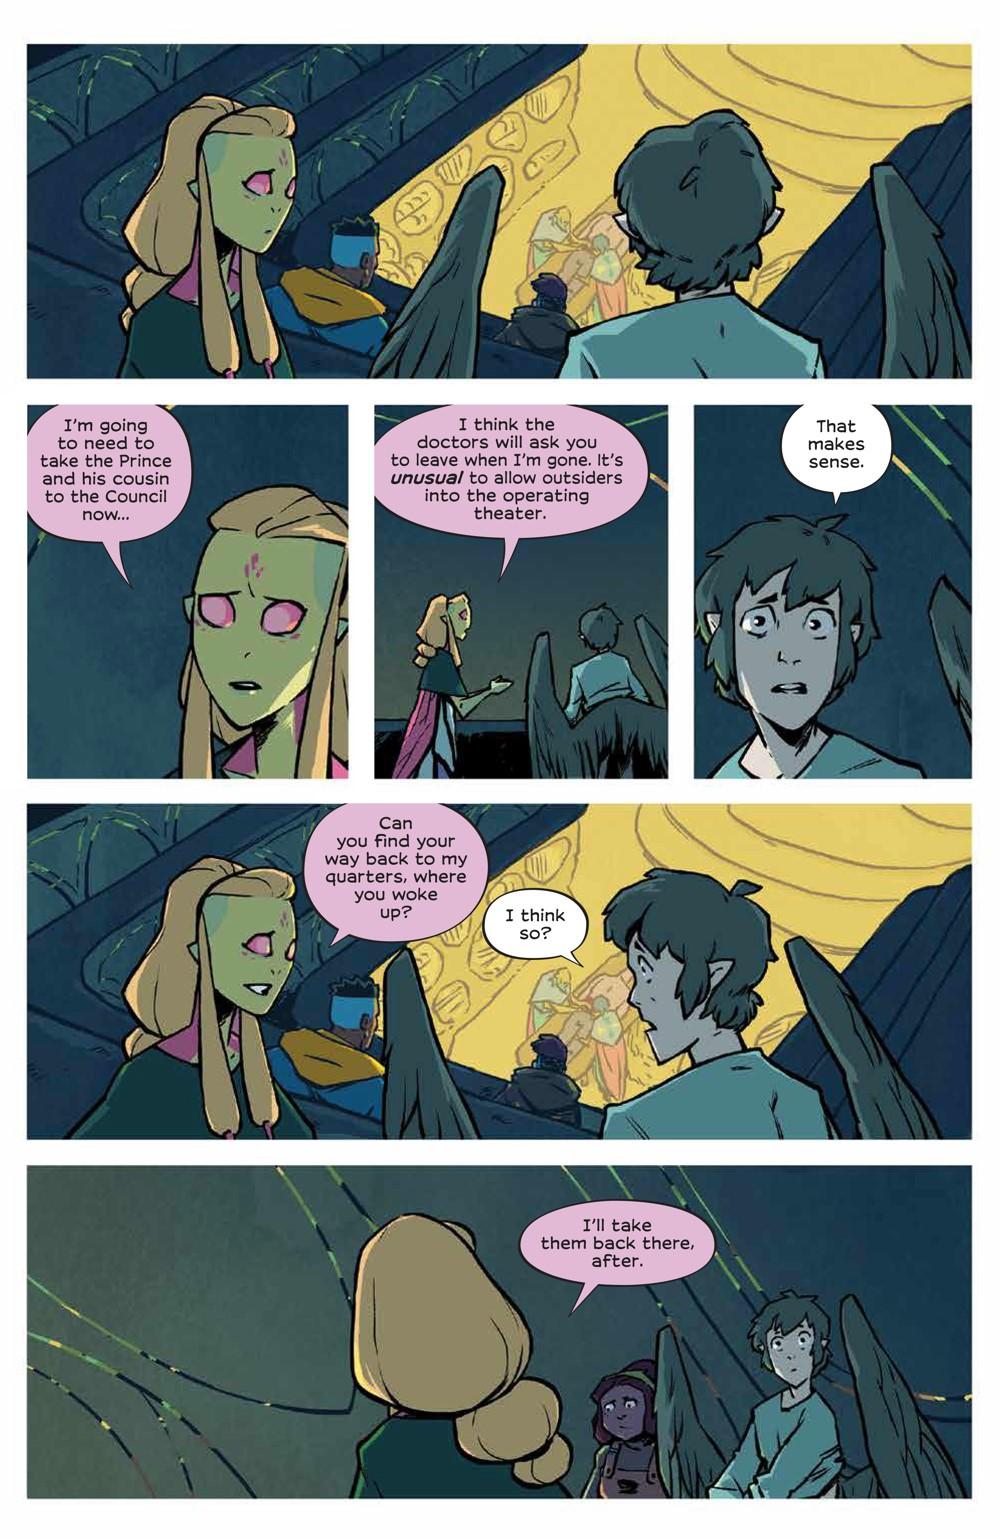 Wynd_009_PRESS_8 ComicList Previews: WYND #9